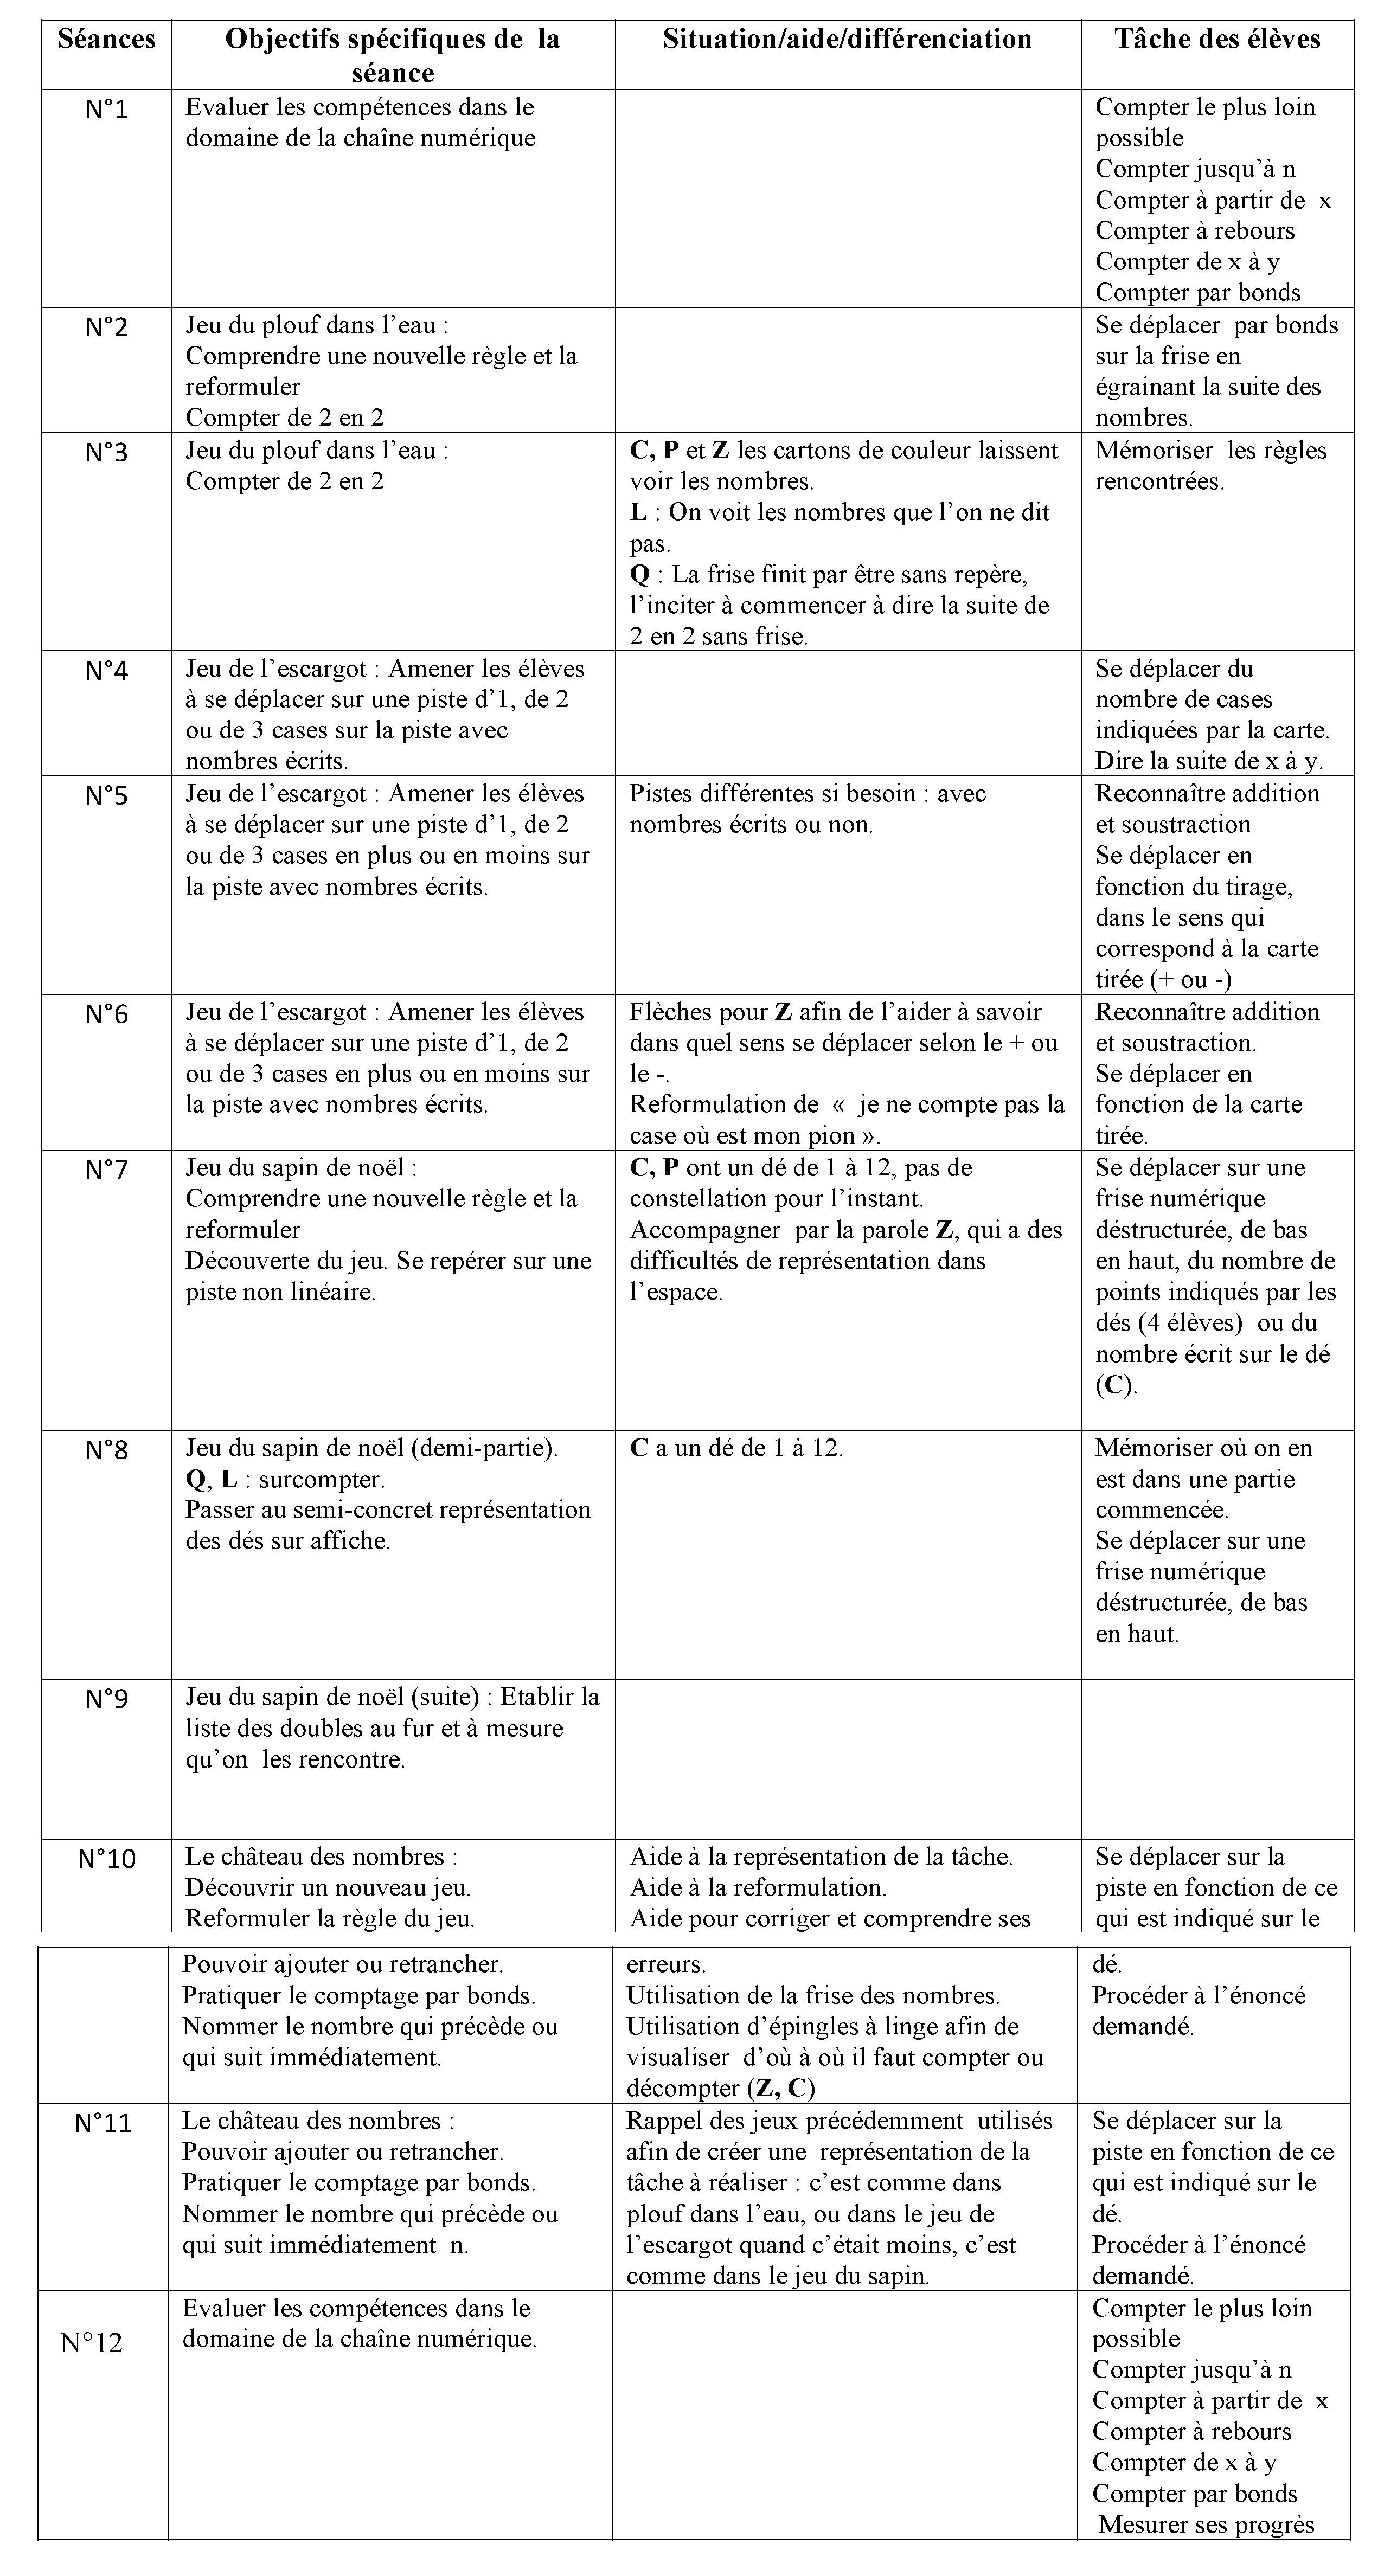 Les Règles Non Écrites De Rencontres En Ligne.